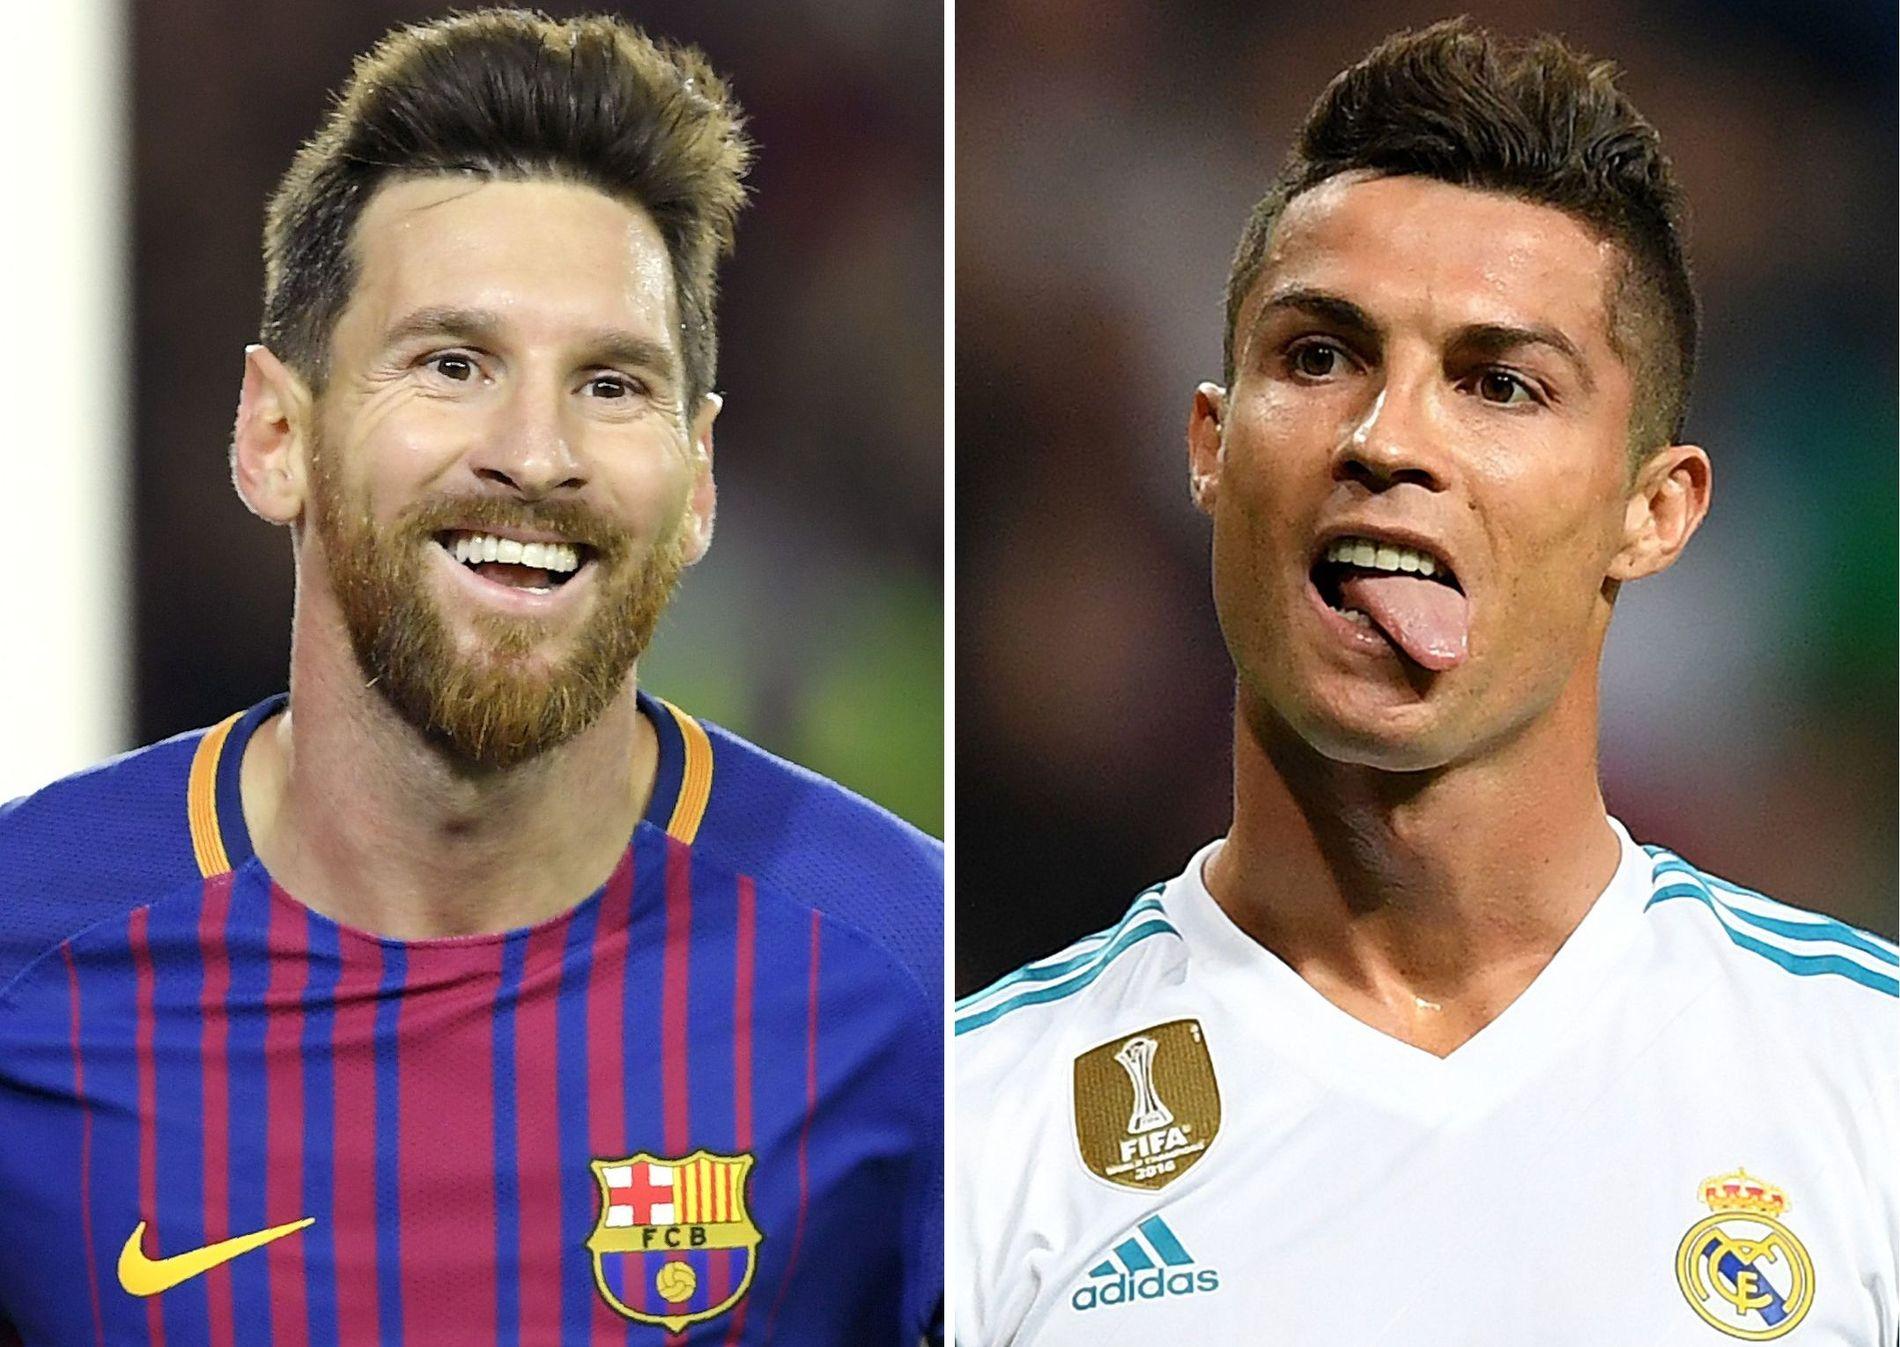 NESTEN I MÅL: Lionel Messi (til v.) og Cristiano Ronaldo, her begge avbildet i fjor for klubblagene Barcelona og Real Madrid.